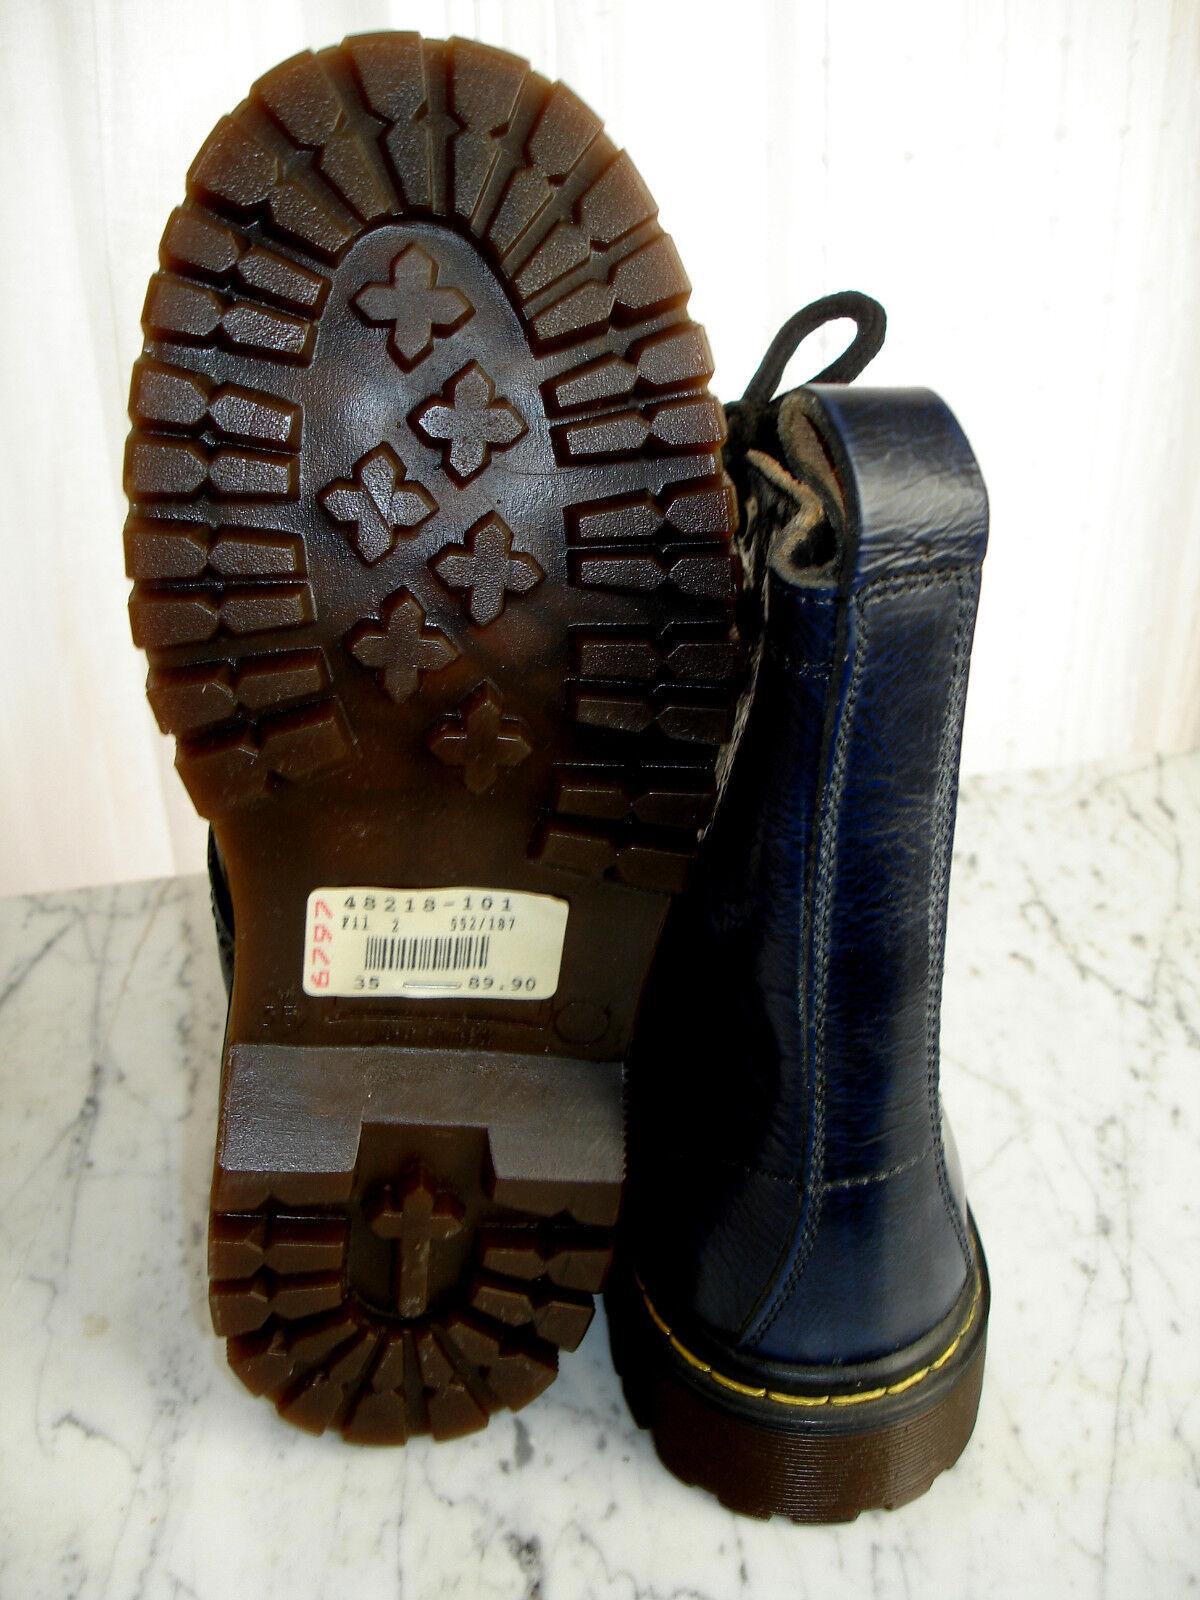 NEU Stiefeletten Damen Mädchen Schuhe Stiefel Stiefeletten NEU Stiefel Echtleder blau Gr.35 8d0f83